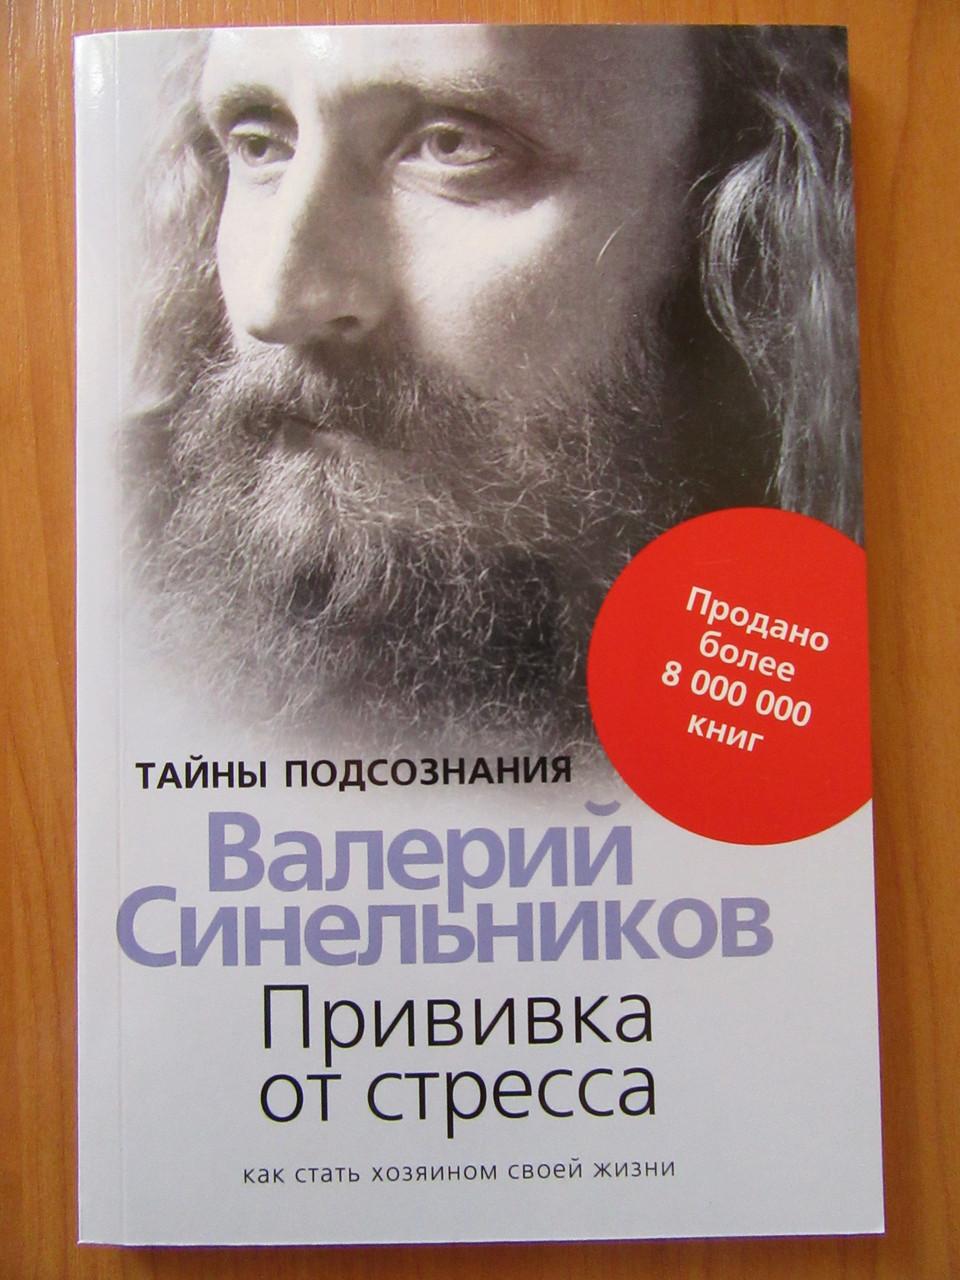 Валерий Синельников. Прививка от стресса. Как стать хозяином своей жизни